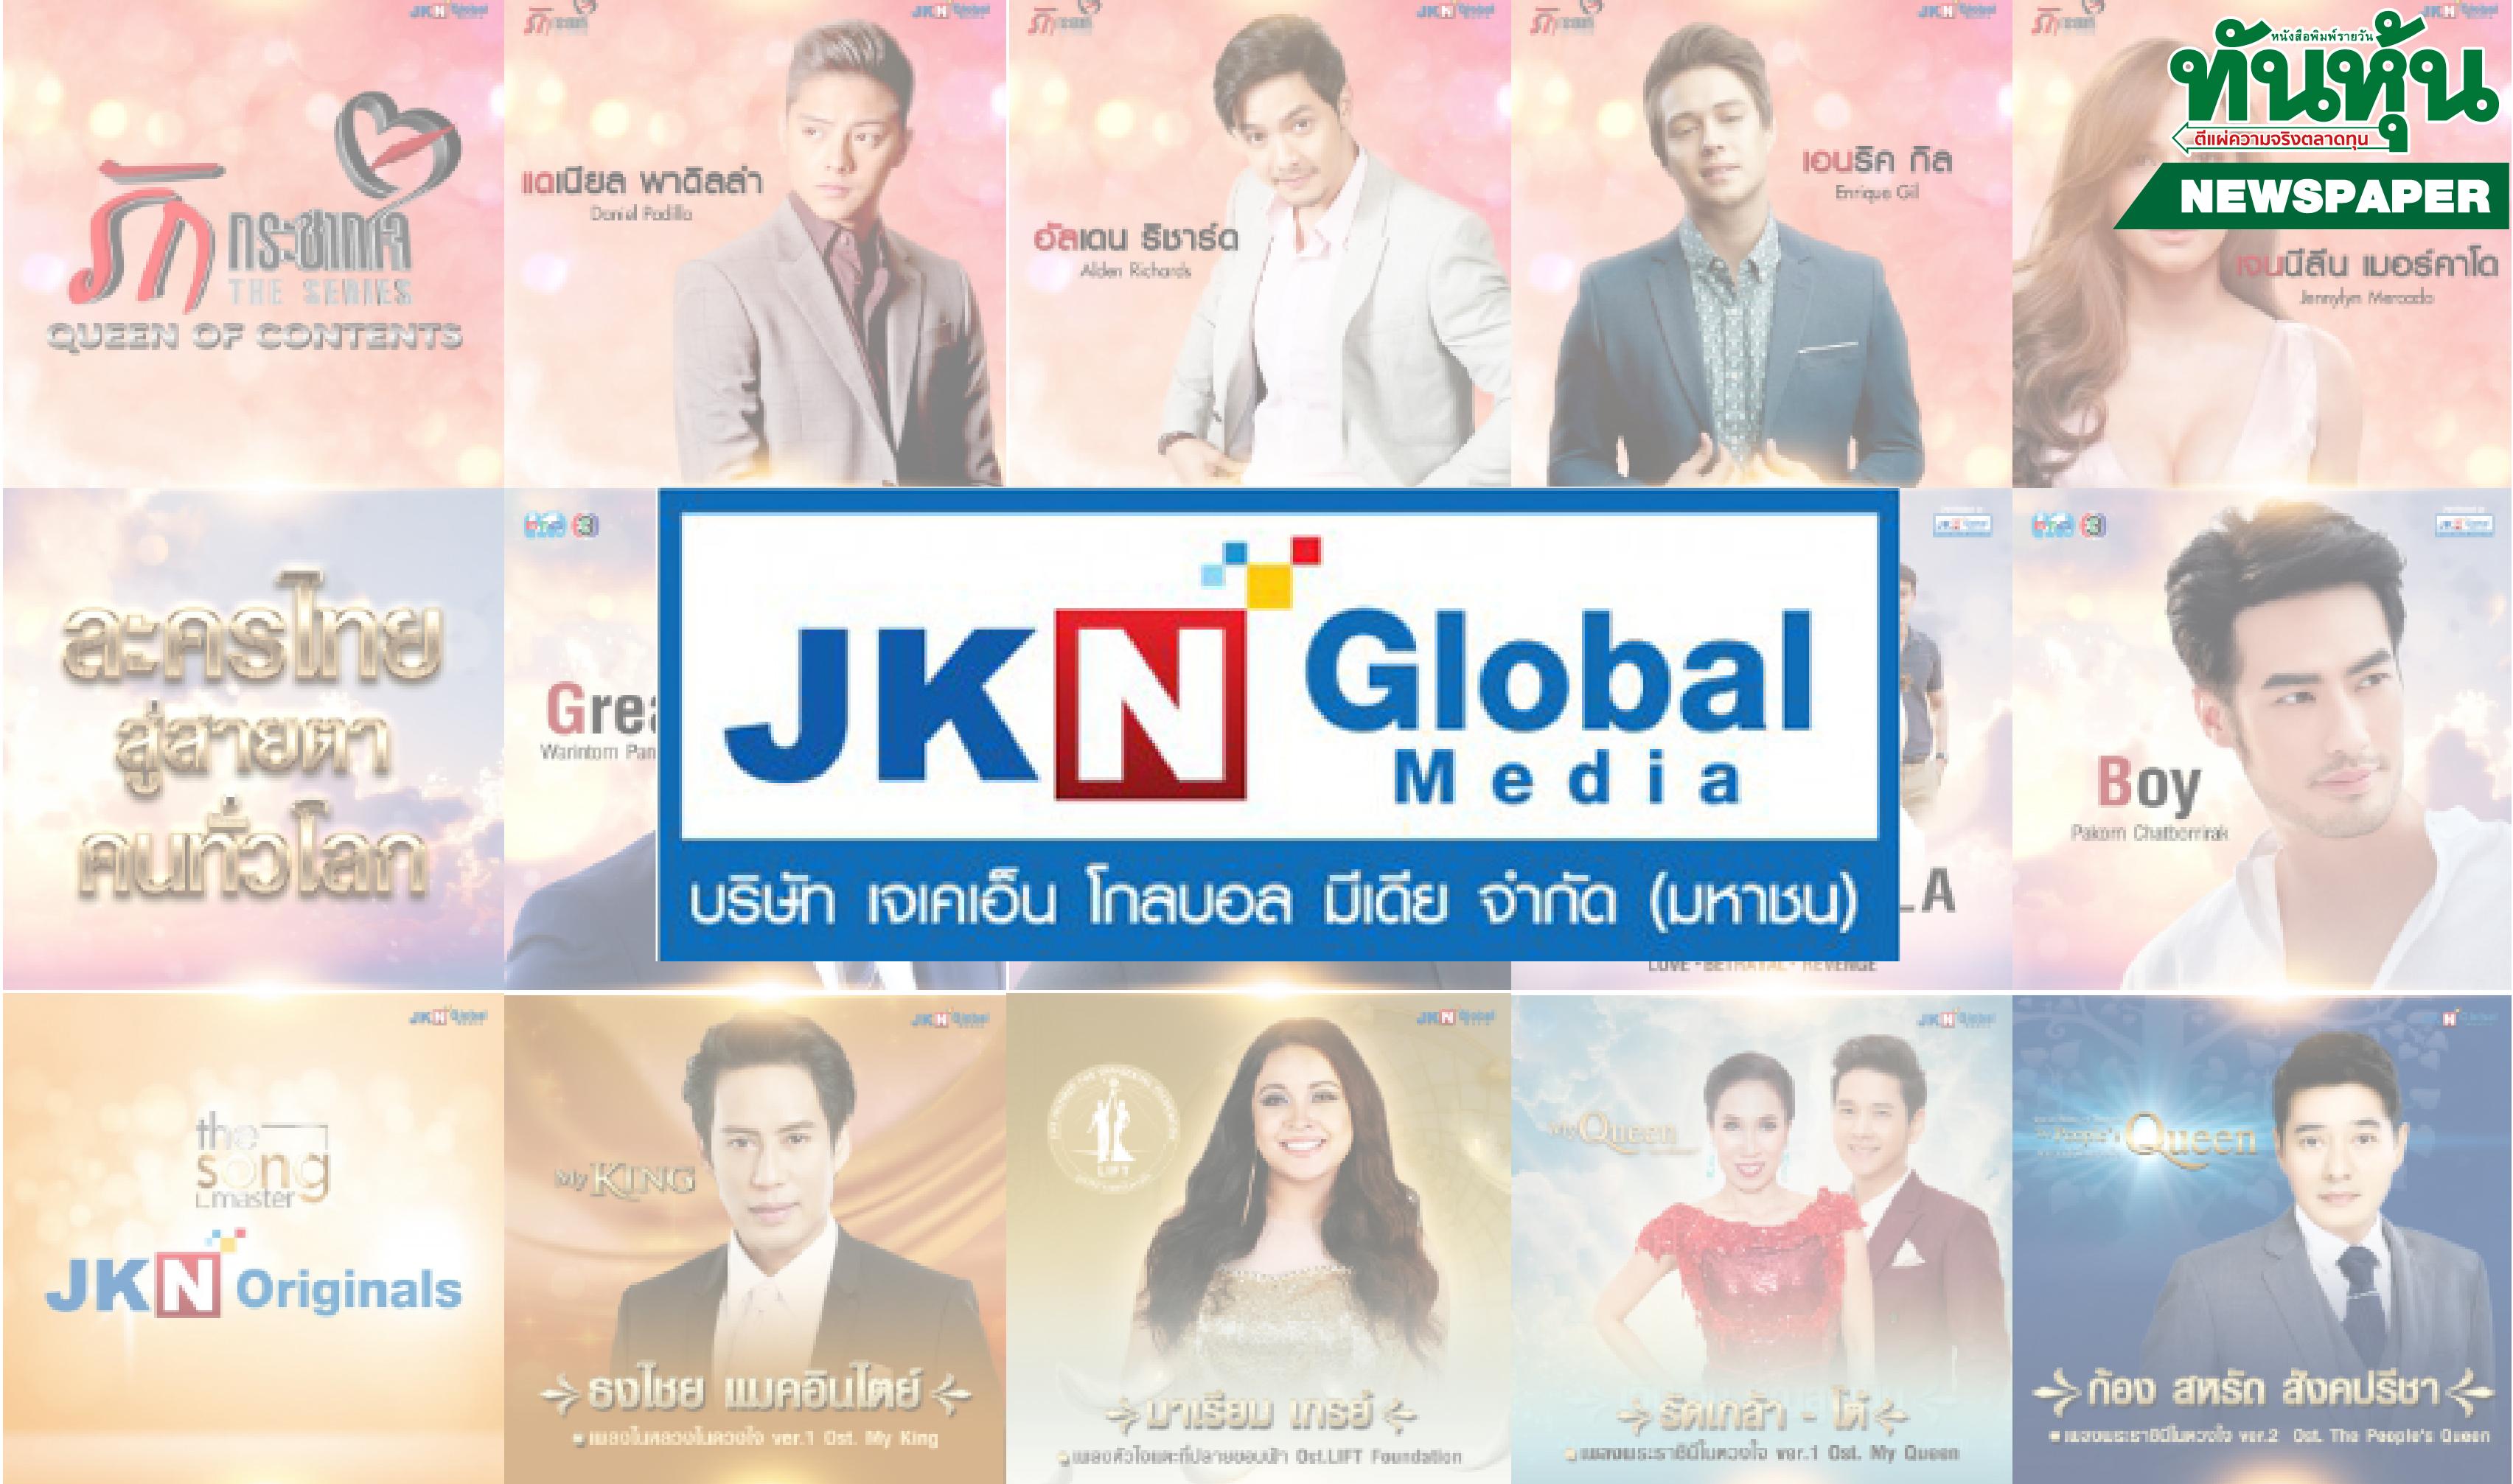 'JKN'ผนึกยักษ์ใหญ่อาเซียน ขายคอนเทนต์ซีรีส์ละครไทย